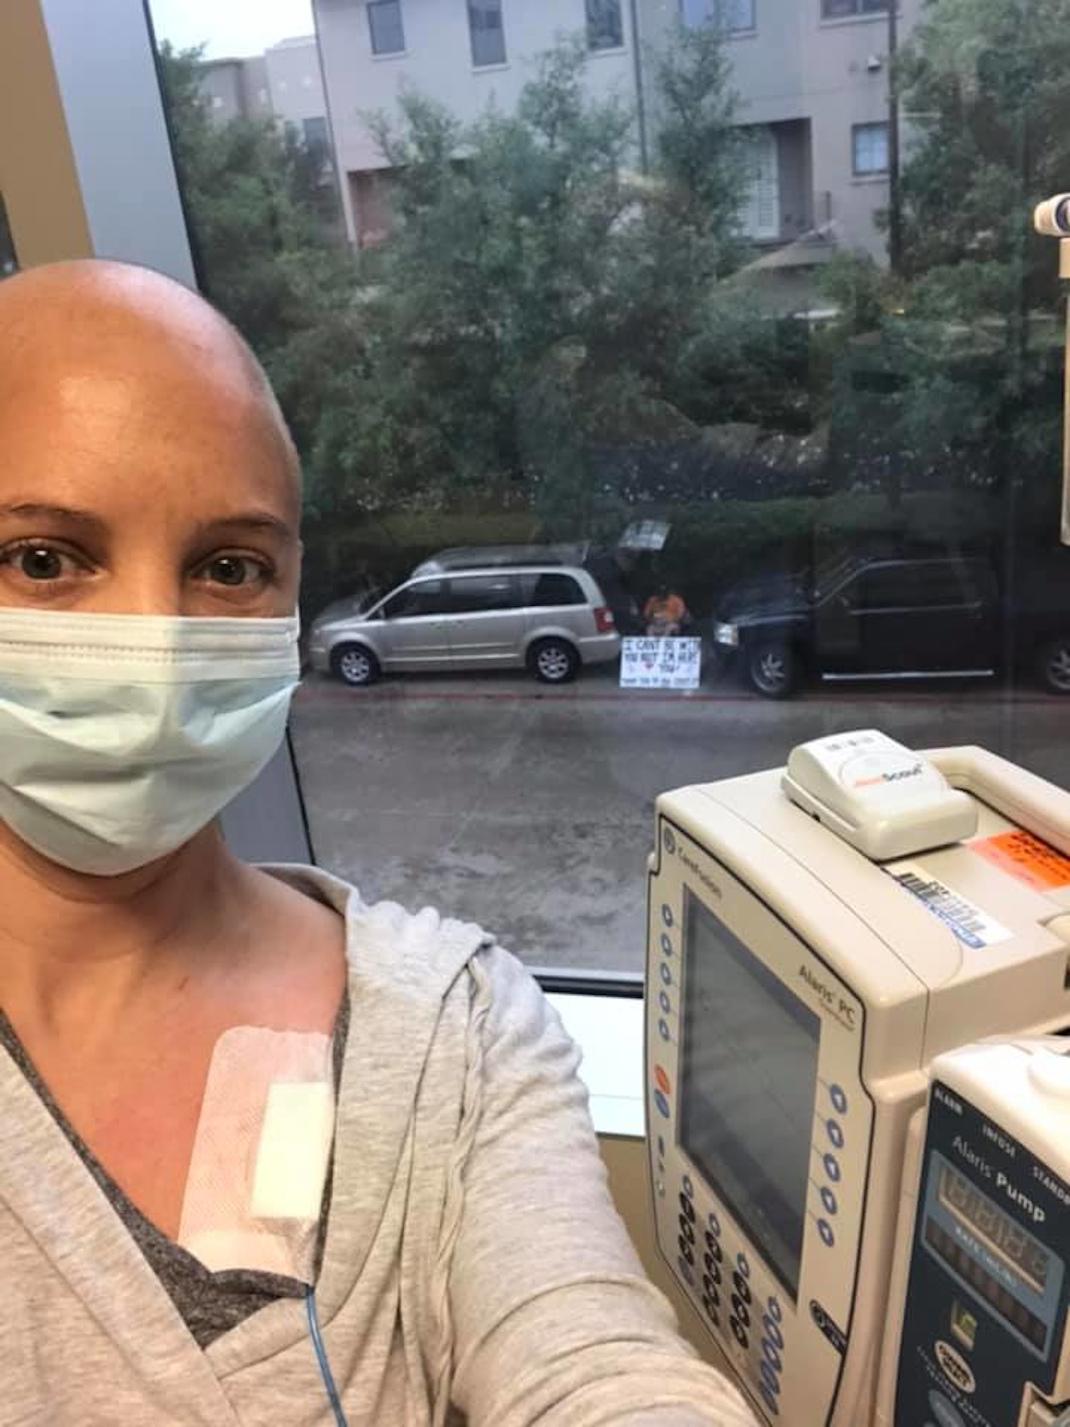 Σύζυγος περιμένει την γυναίκα του όσο εκείνη κάνει χημειοθεραπεία